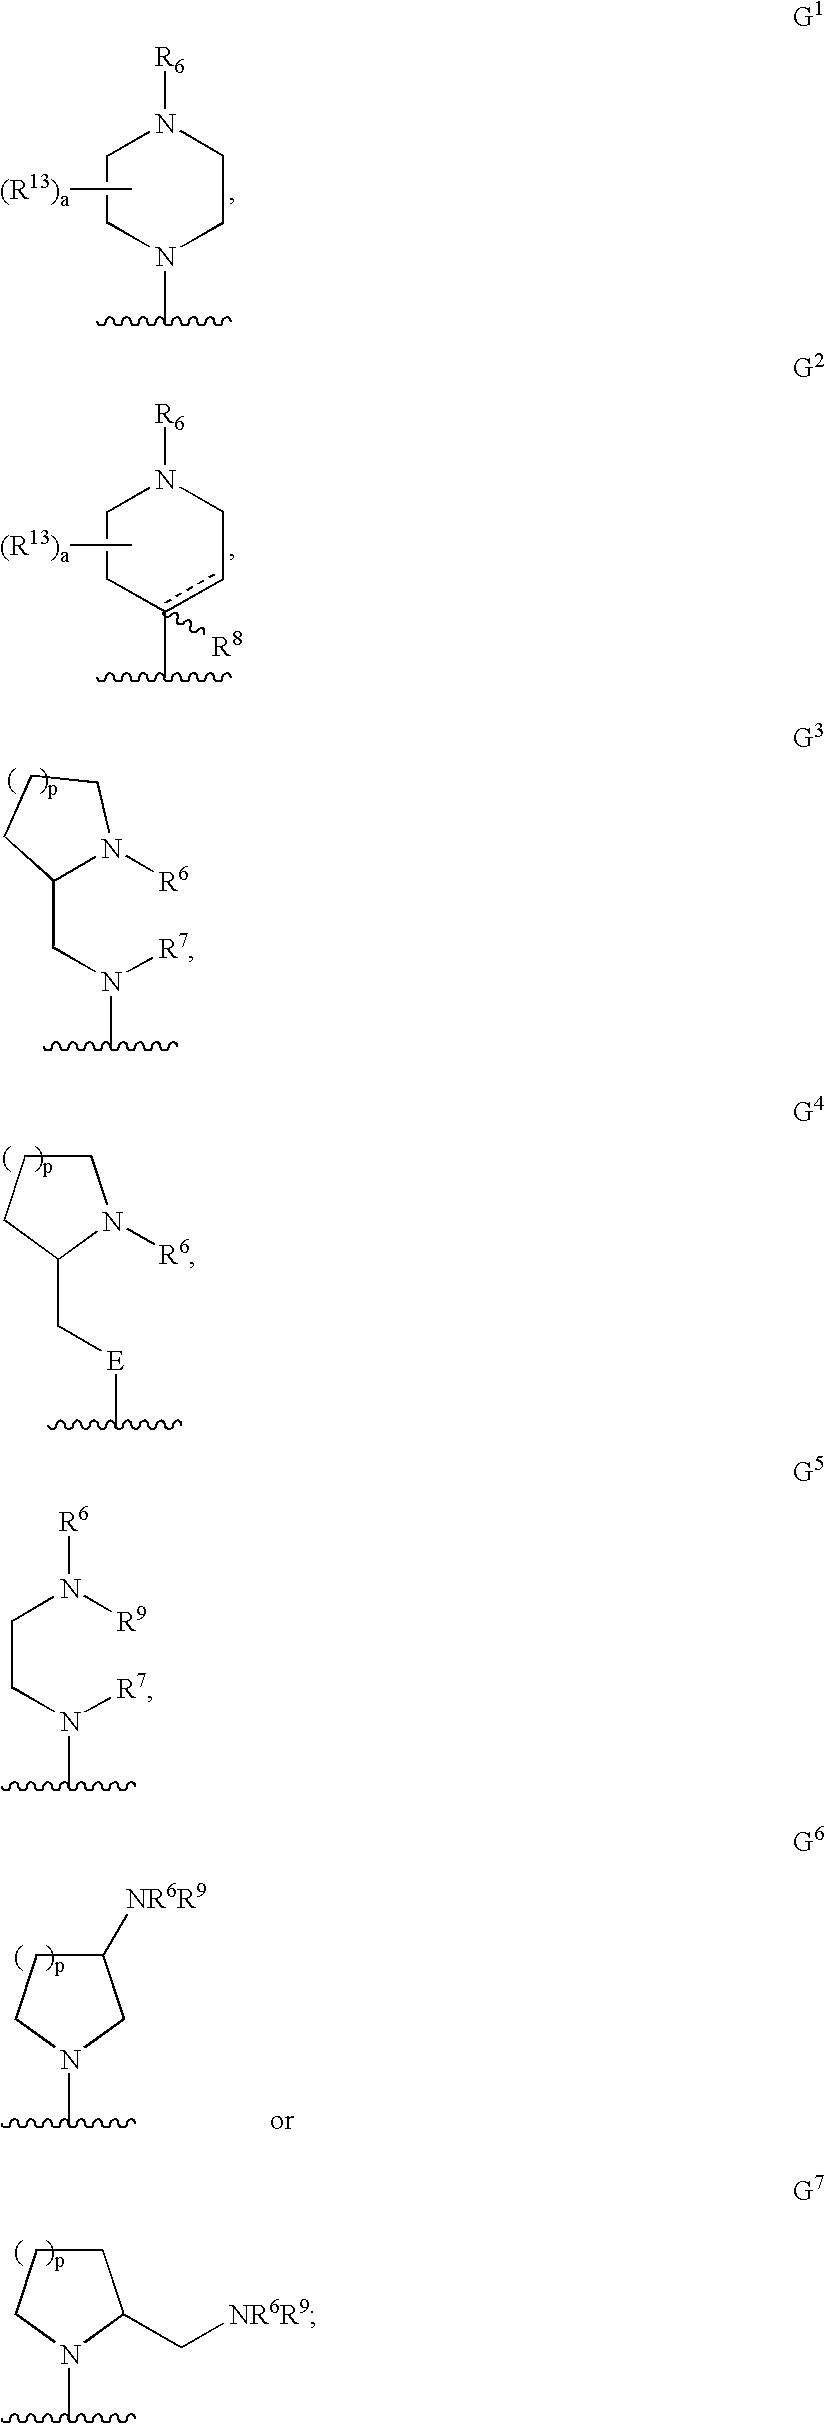 Figure US06562813-20030513-C00028